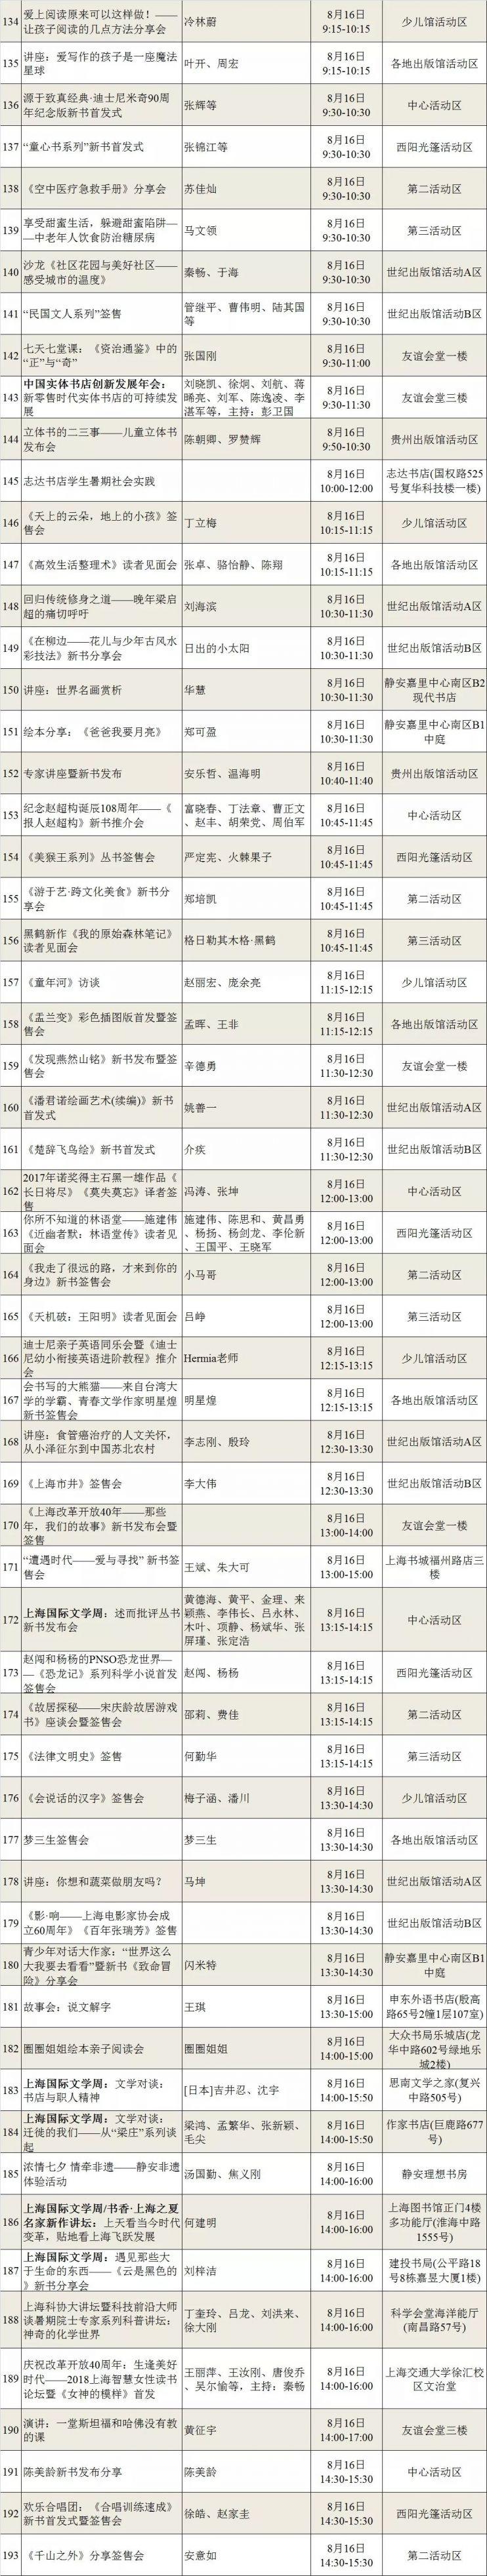 2018上海书展活动安排表总表公布 每日活动安排一览